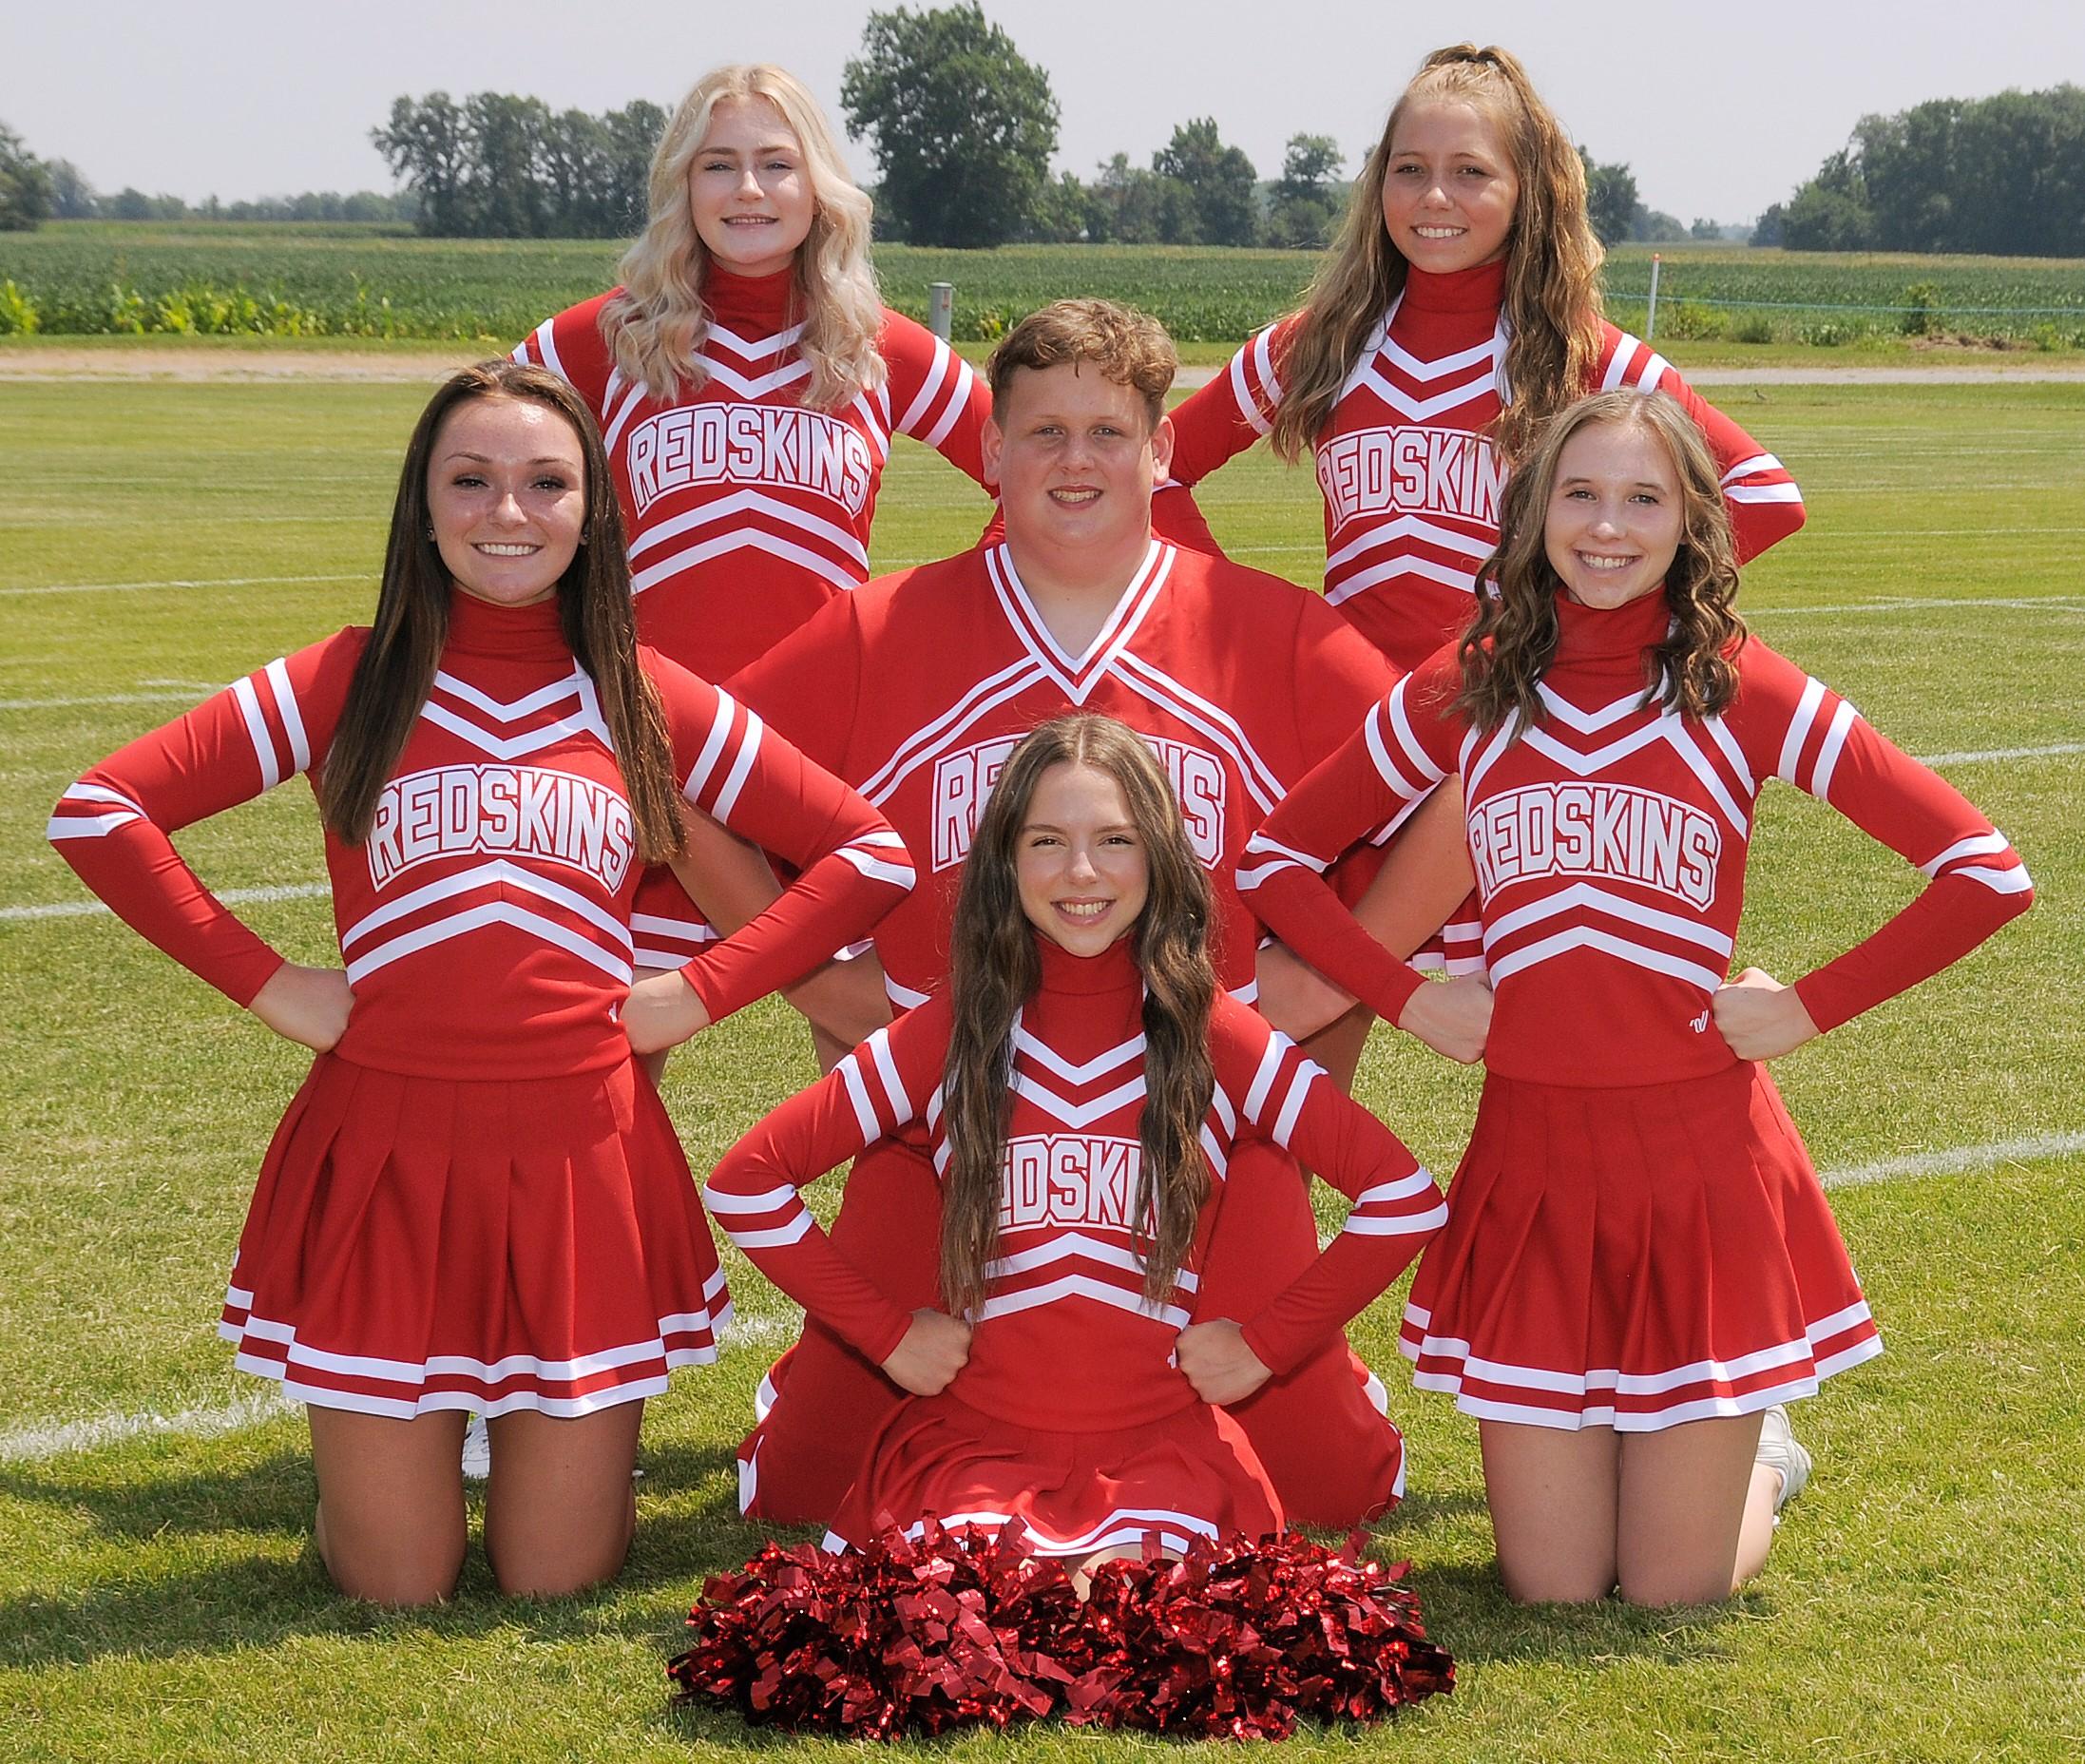 Arcadia Redskins 2020 Varsity Football Cheerleaders Squad Photo